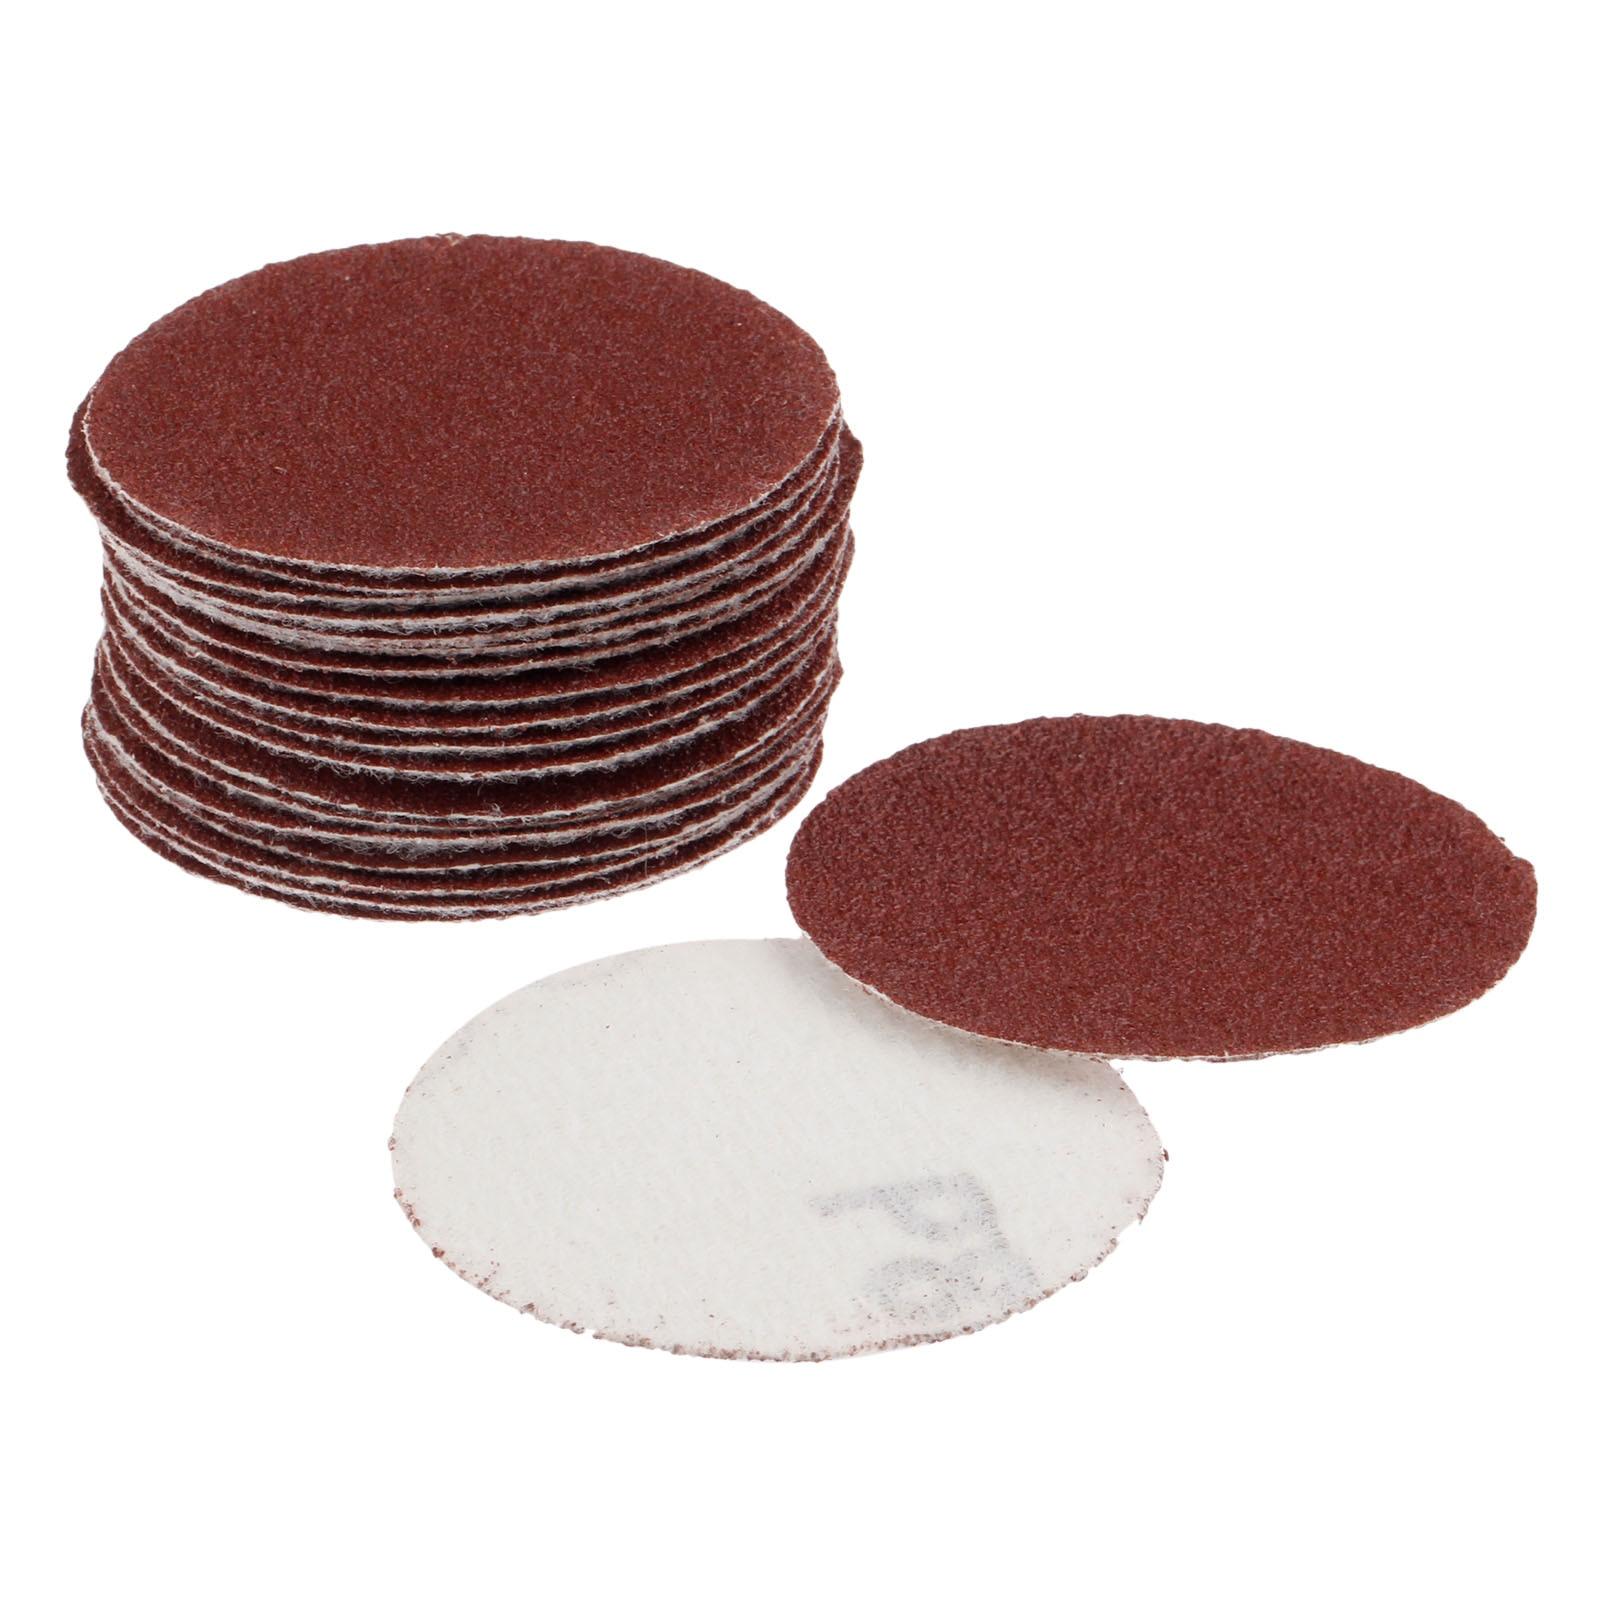 DRELD 20Pcs 2 Inch 50mm Sander Disc Sanding Paper Polishing Pad Sandpaper 80 Grit For Dremel Electric Grinder Abrasive Tools